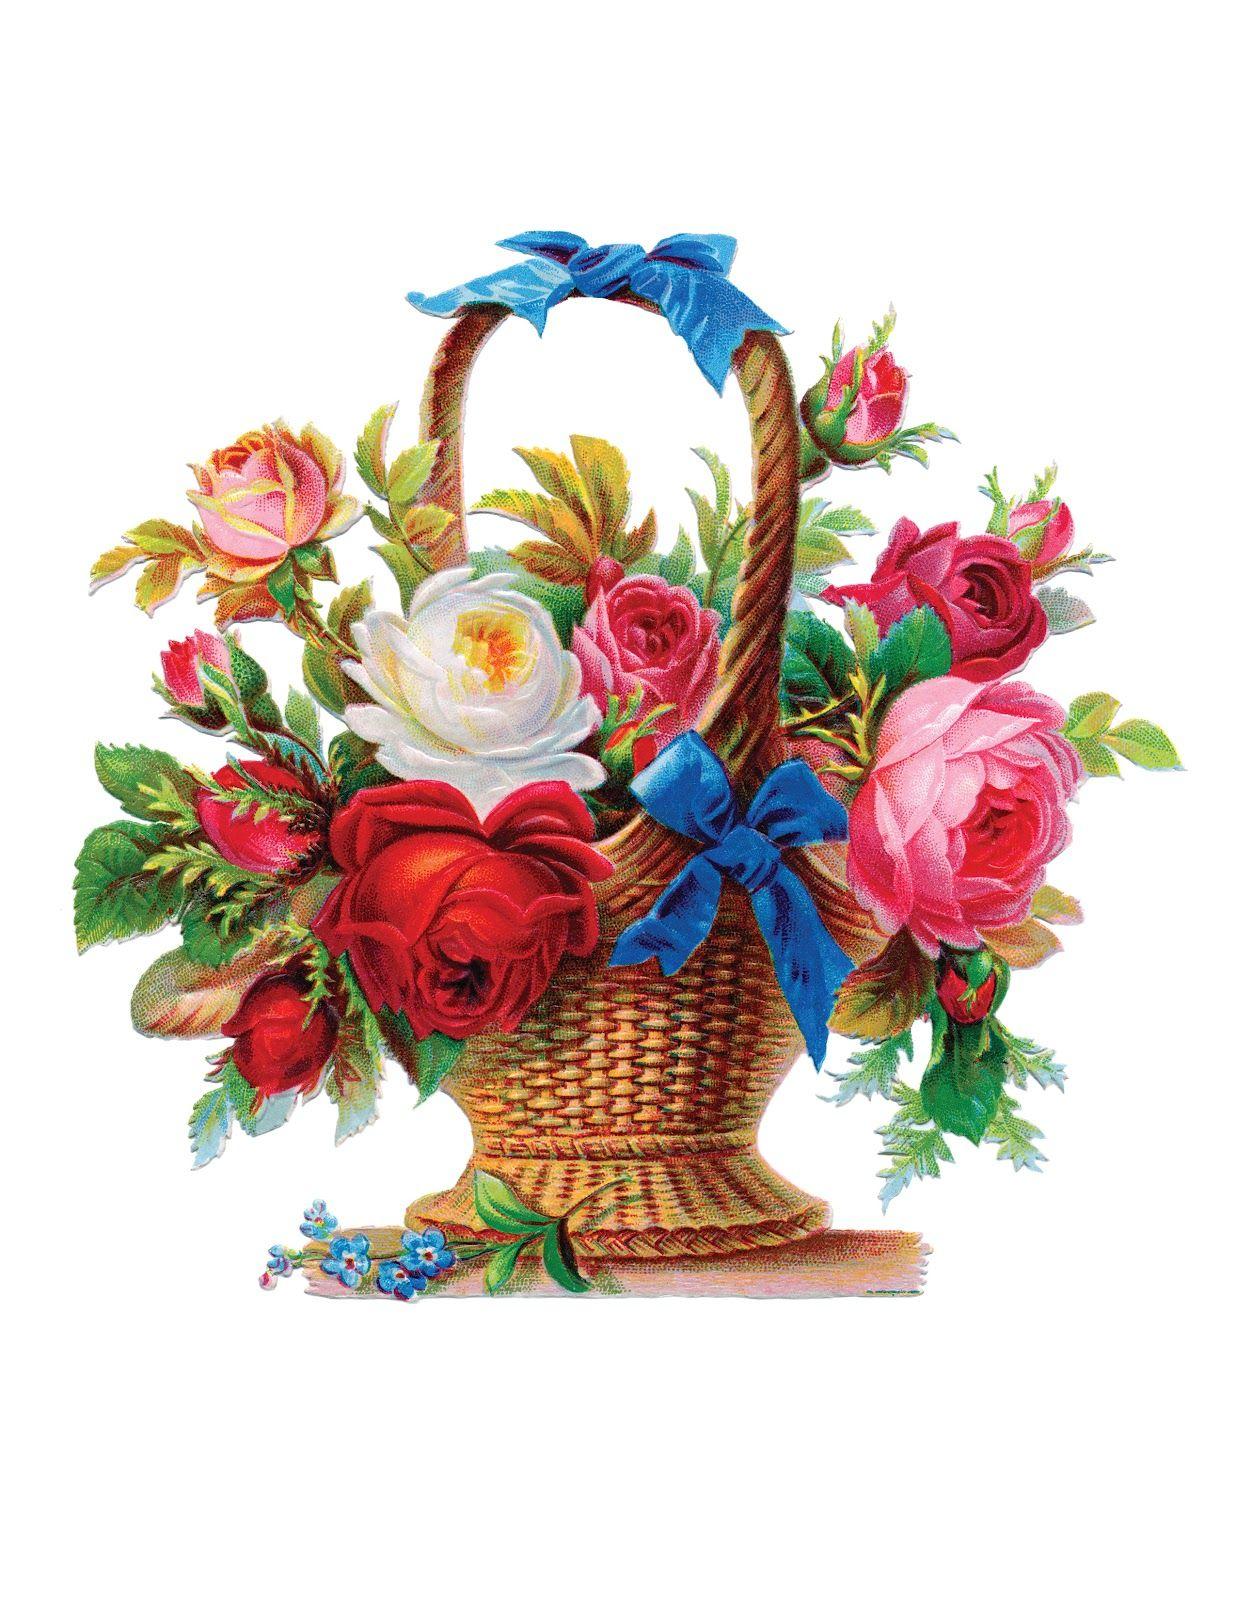 Vintage Flower Basket Flower Painting Cross Paintings Vintage Flowers